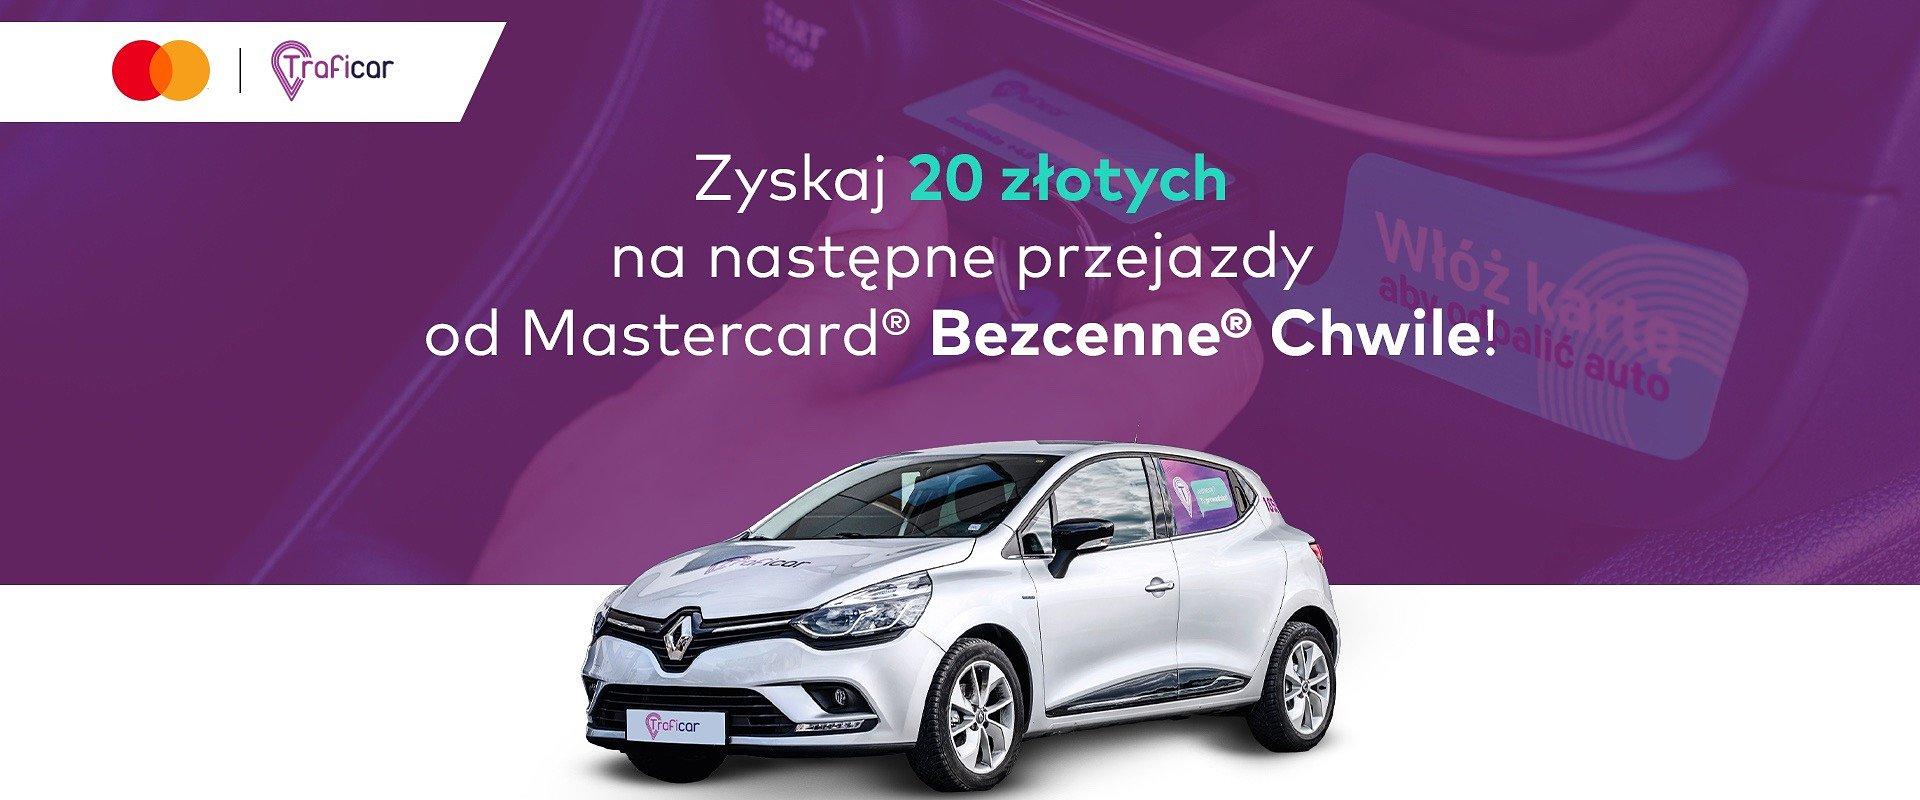 Carsharing w programie lojalnościowym. Traficar nowym partnerem Mastercard® Bezcenne® Chwile